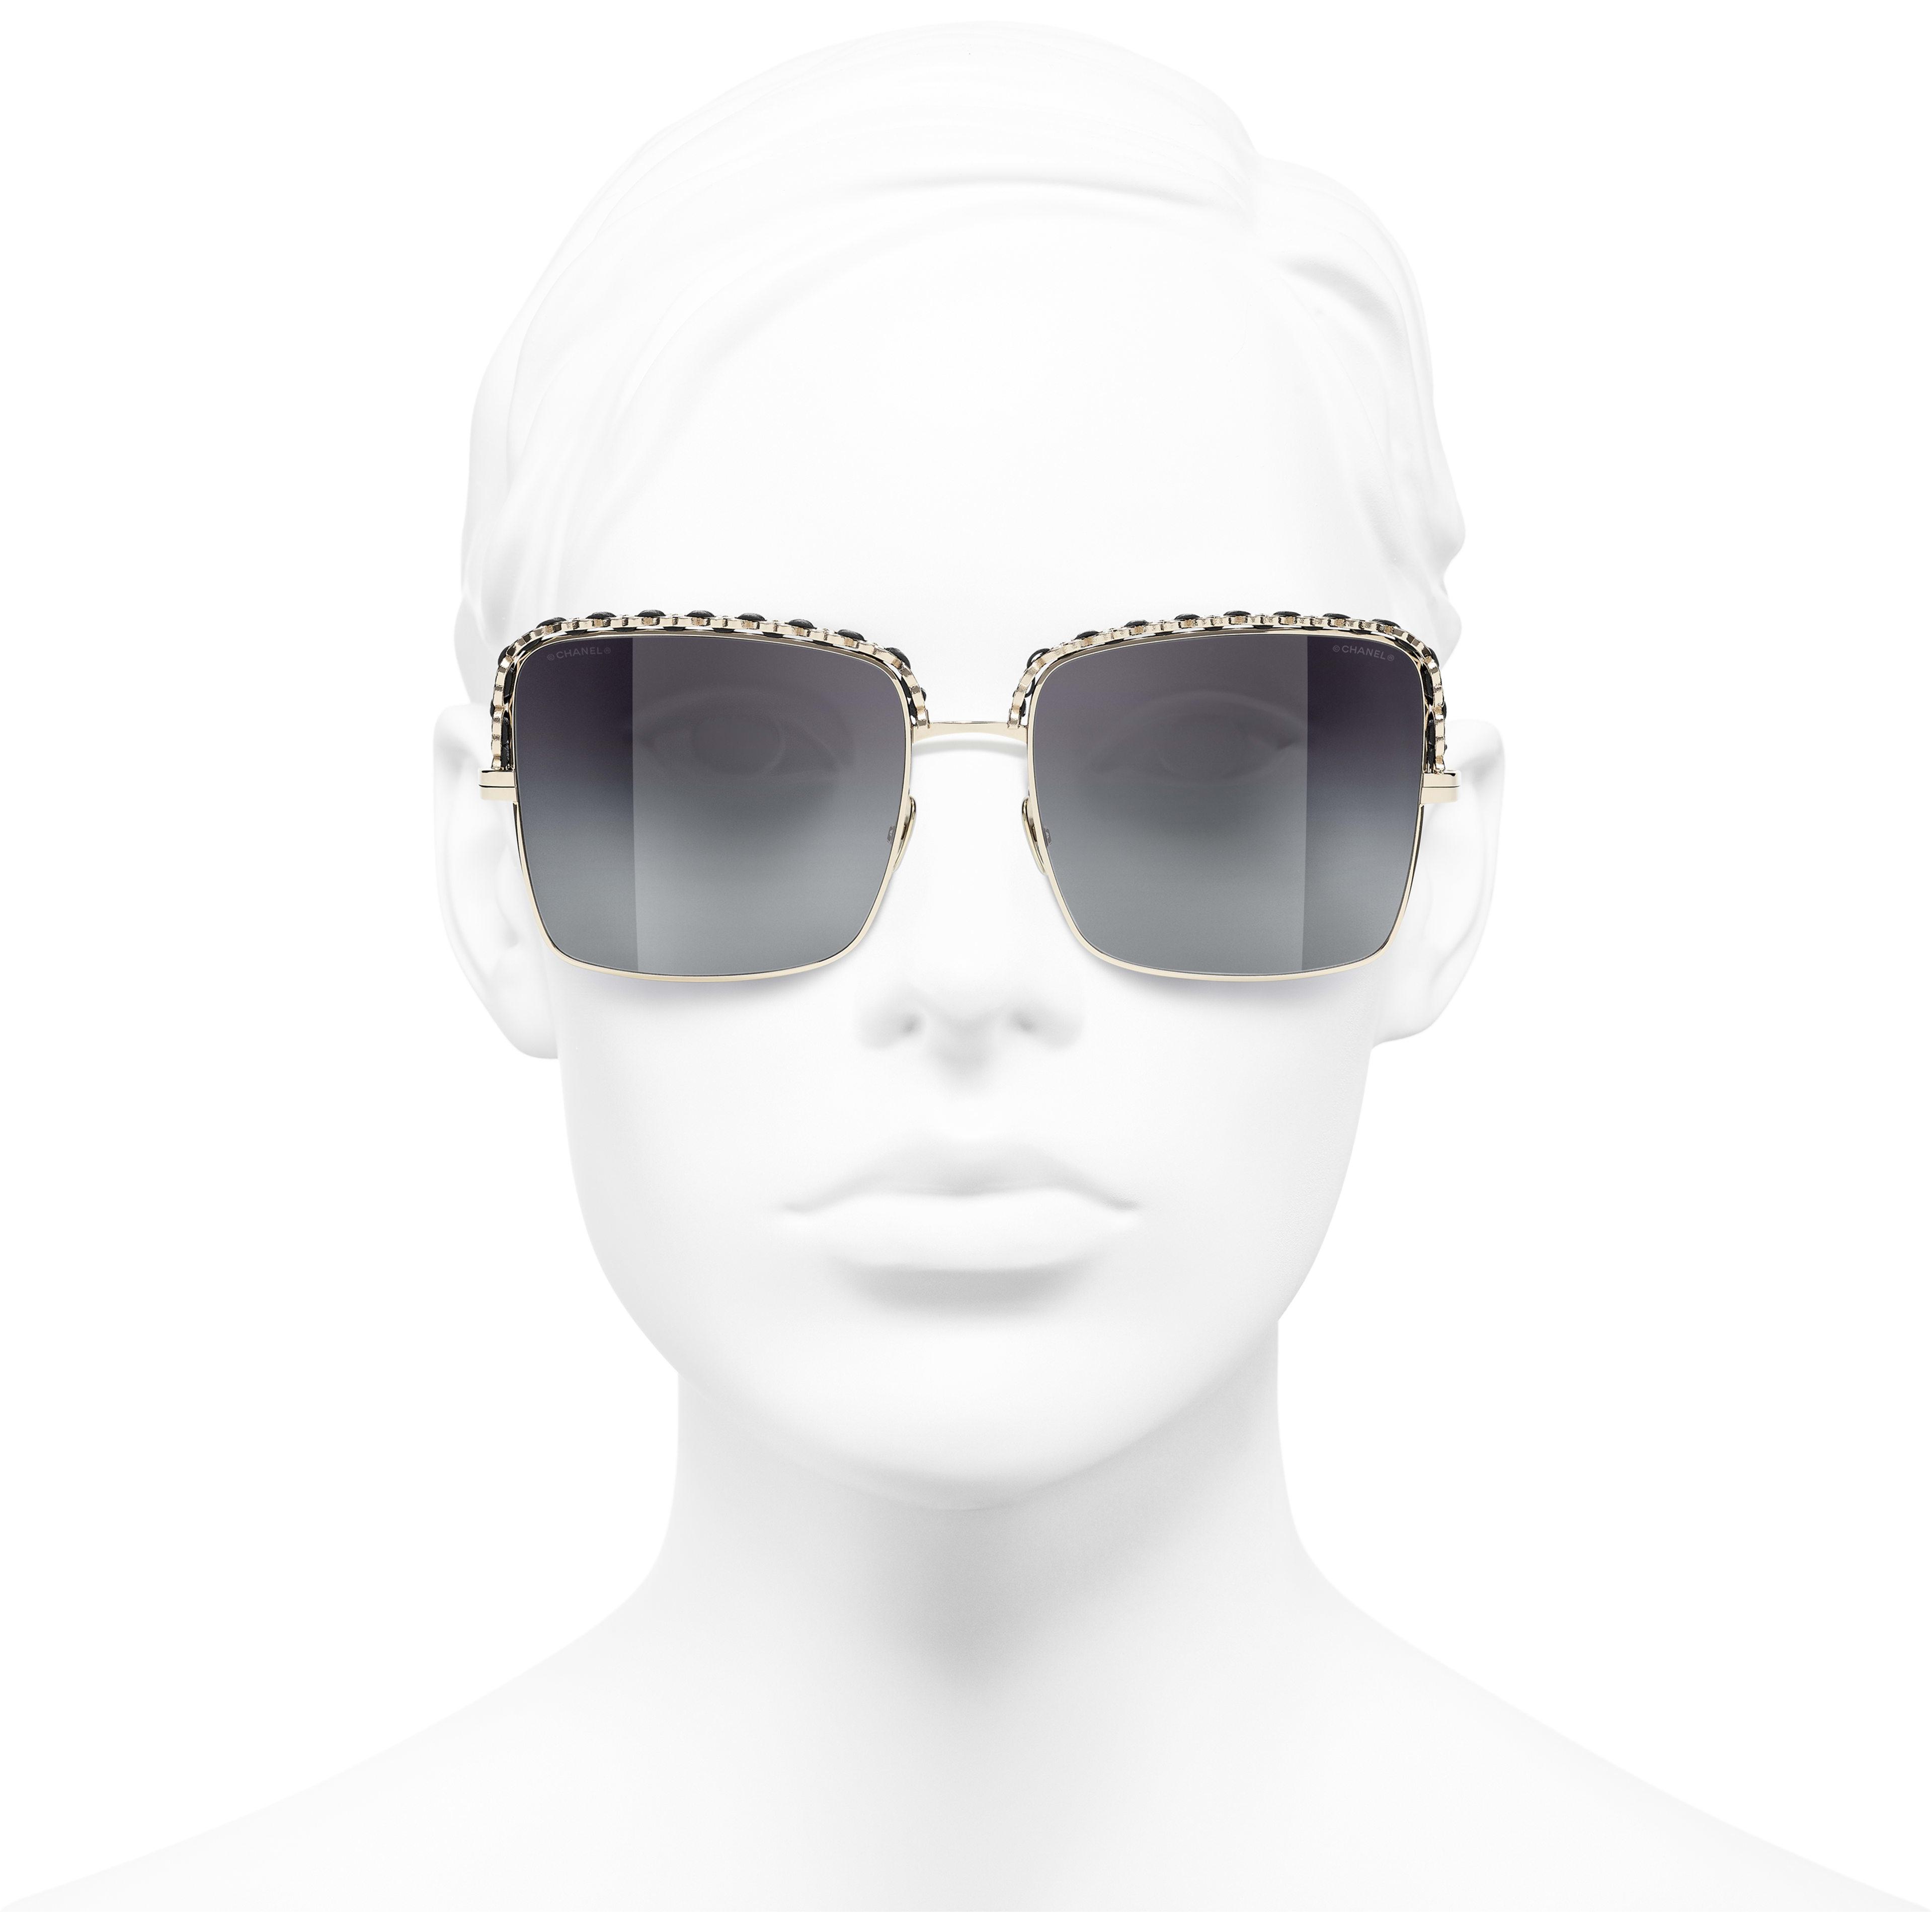 Óculos De Sol Quadrado - Gold - Metal & Lambskin - CHANEL - Vista de frente - ver a versão em tamanho standard